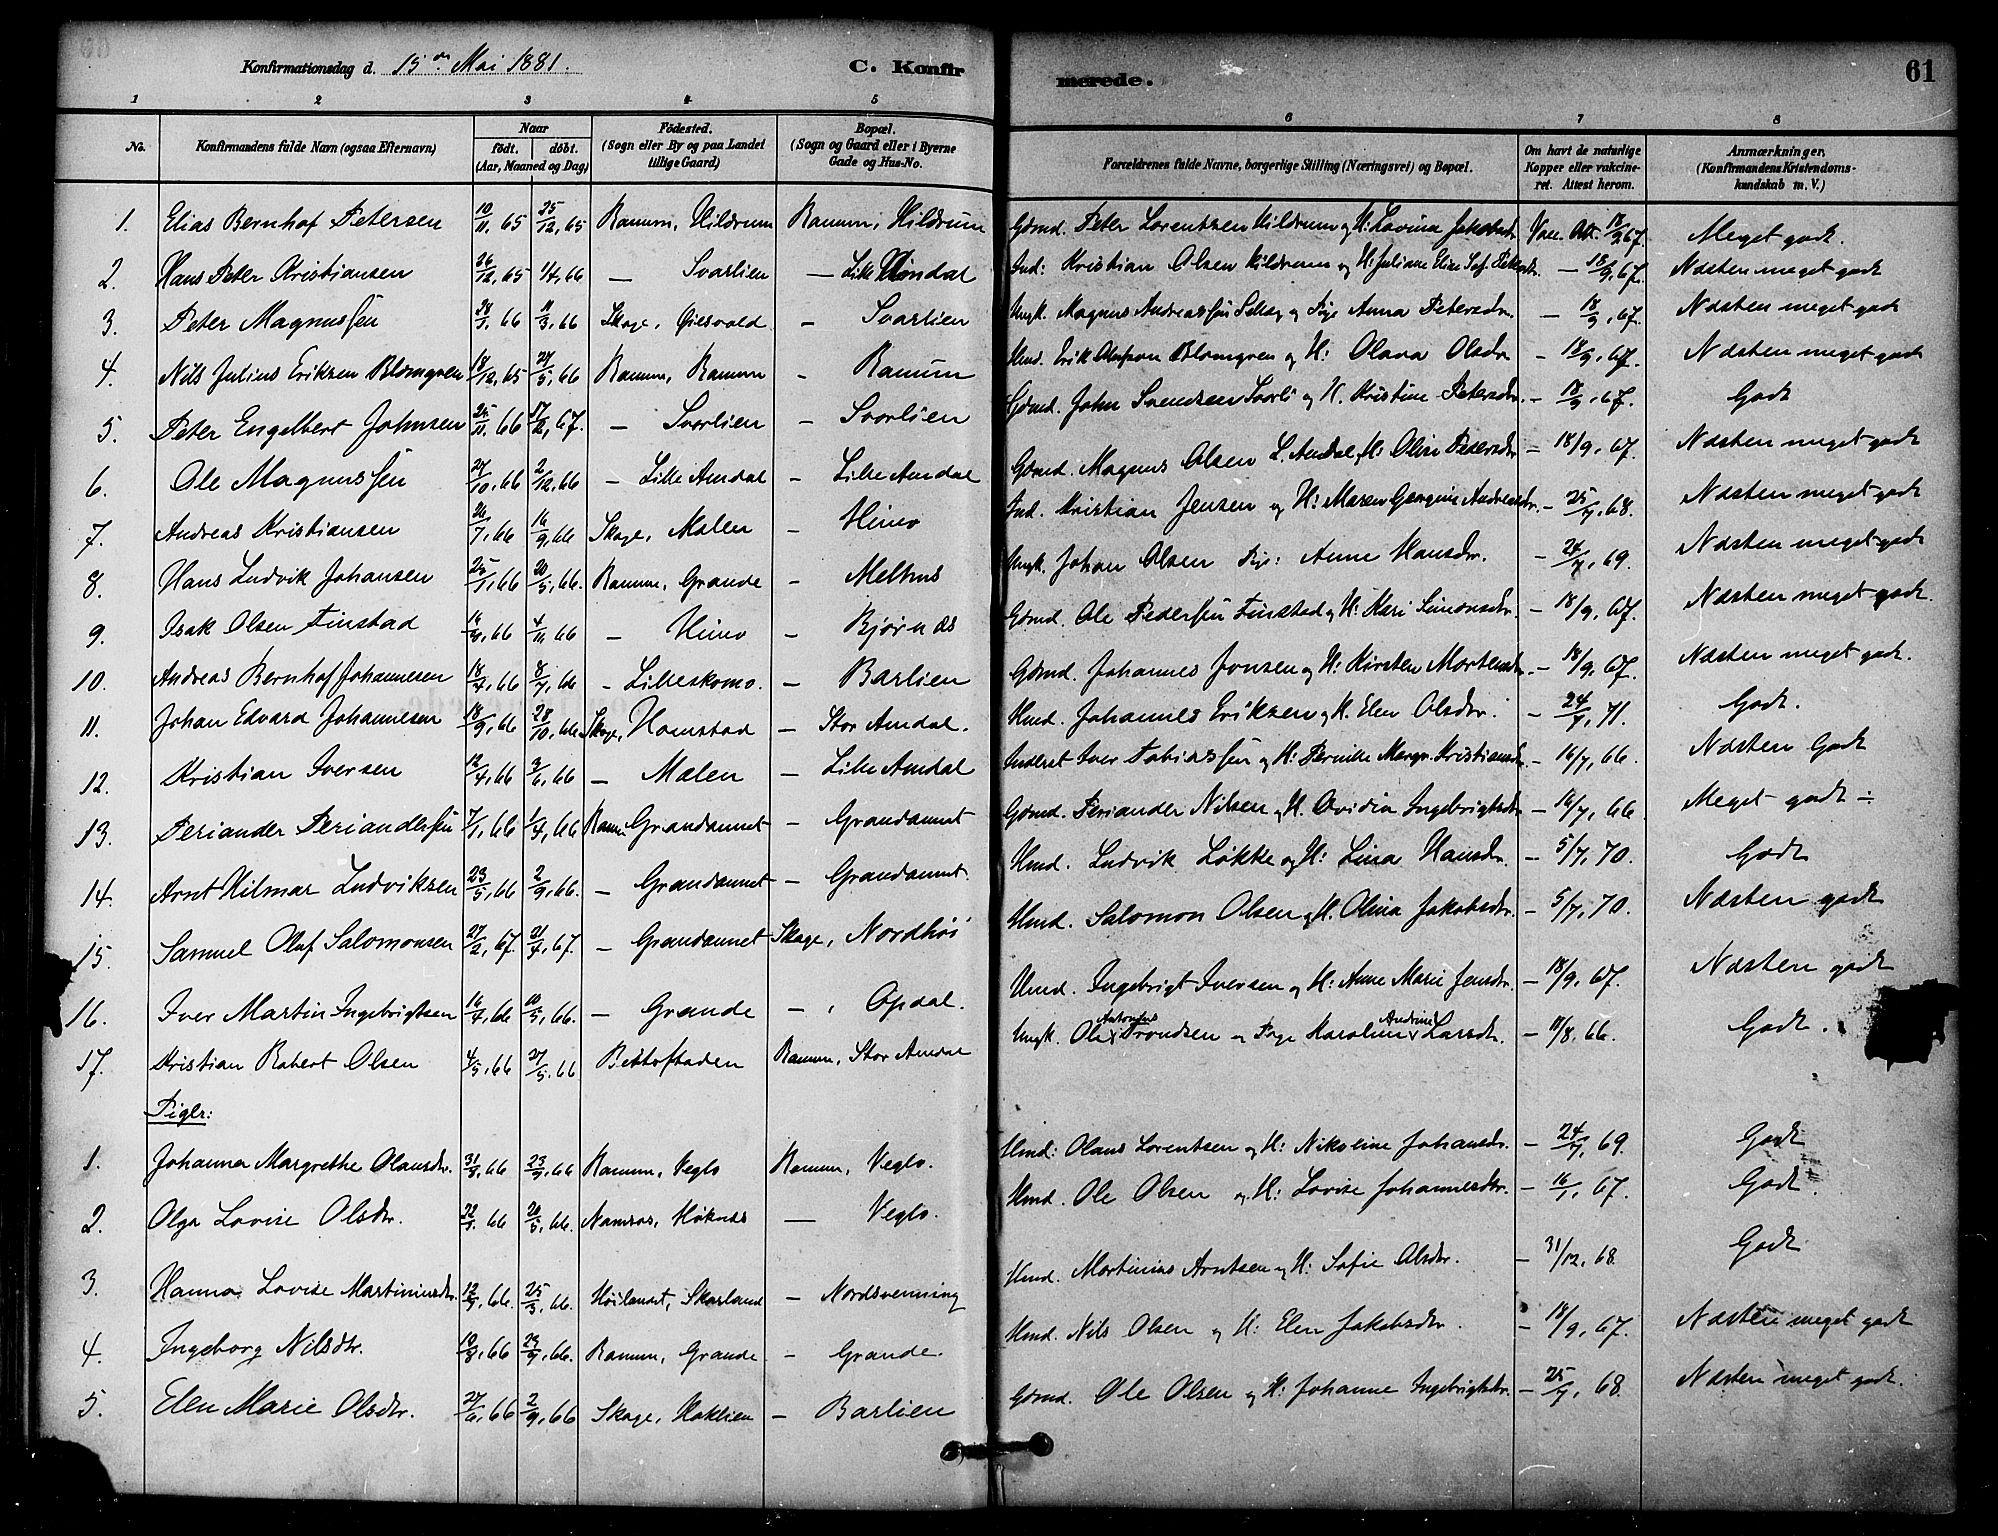 SAT, Ministerialprotokoller, klokkerbøker og fødselsregistre - Nord-Trøndelag, 764/L0555: Ministerialbok nr. 764A10, 1881-1896, s. 61